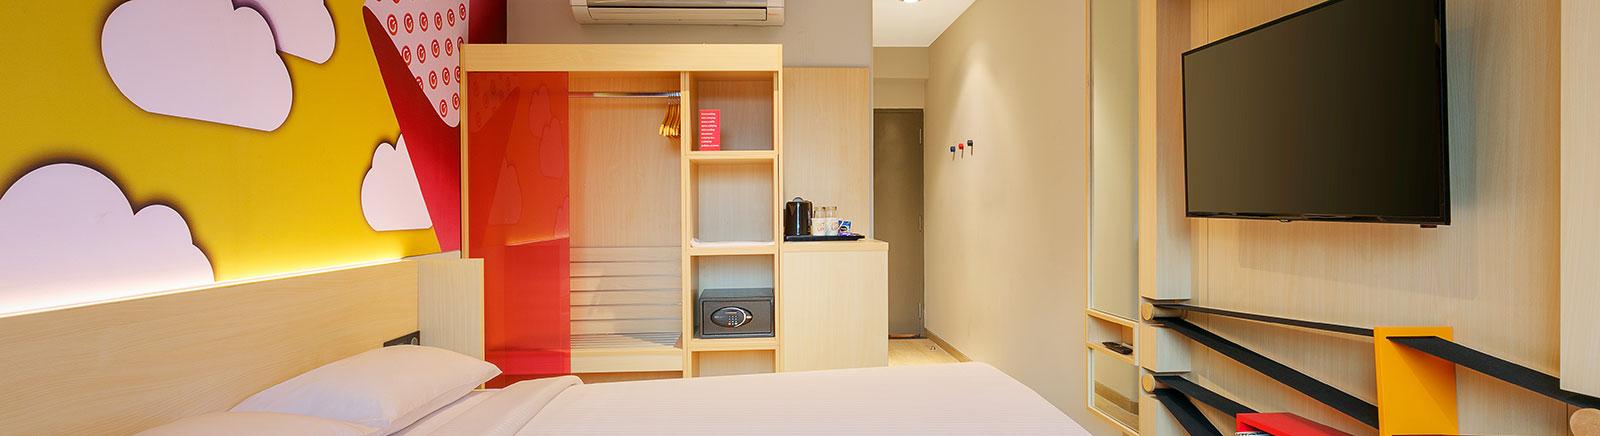 Ginger Pune Wakad Hotel Rooms